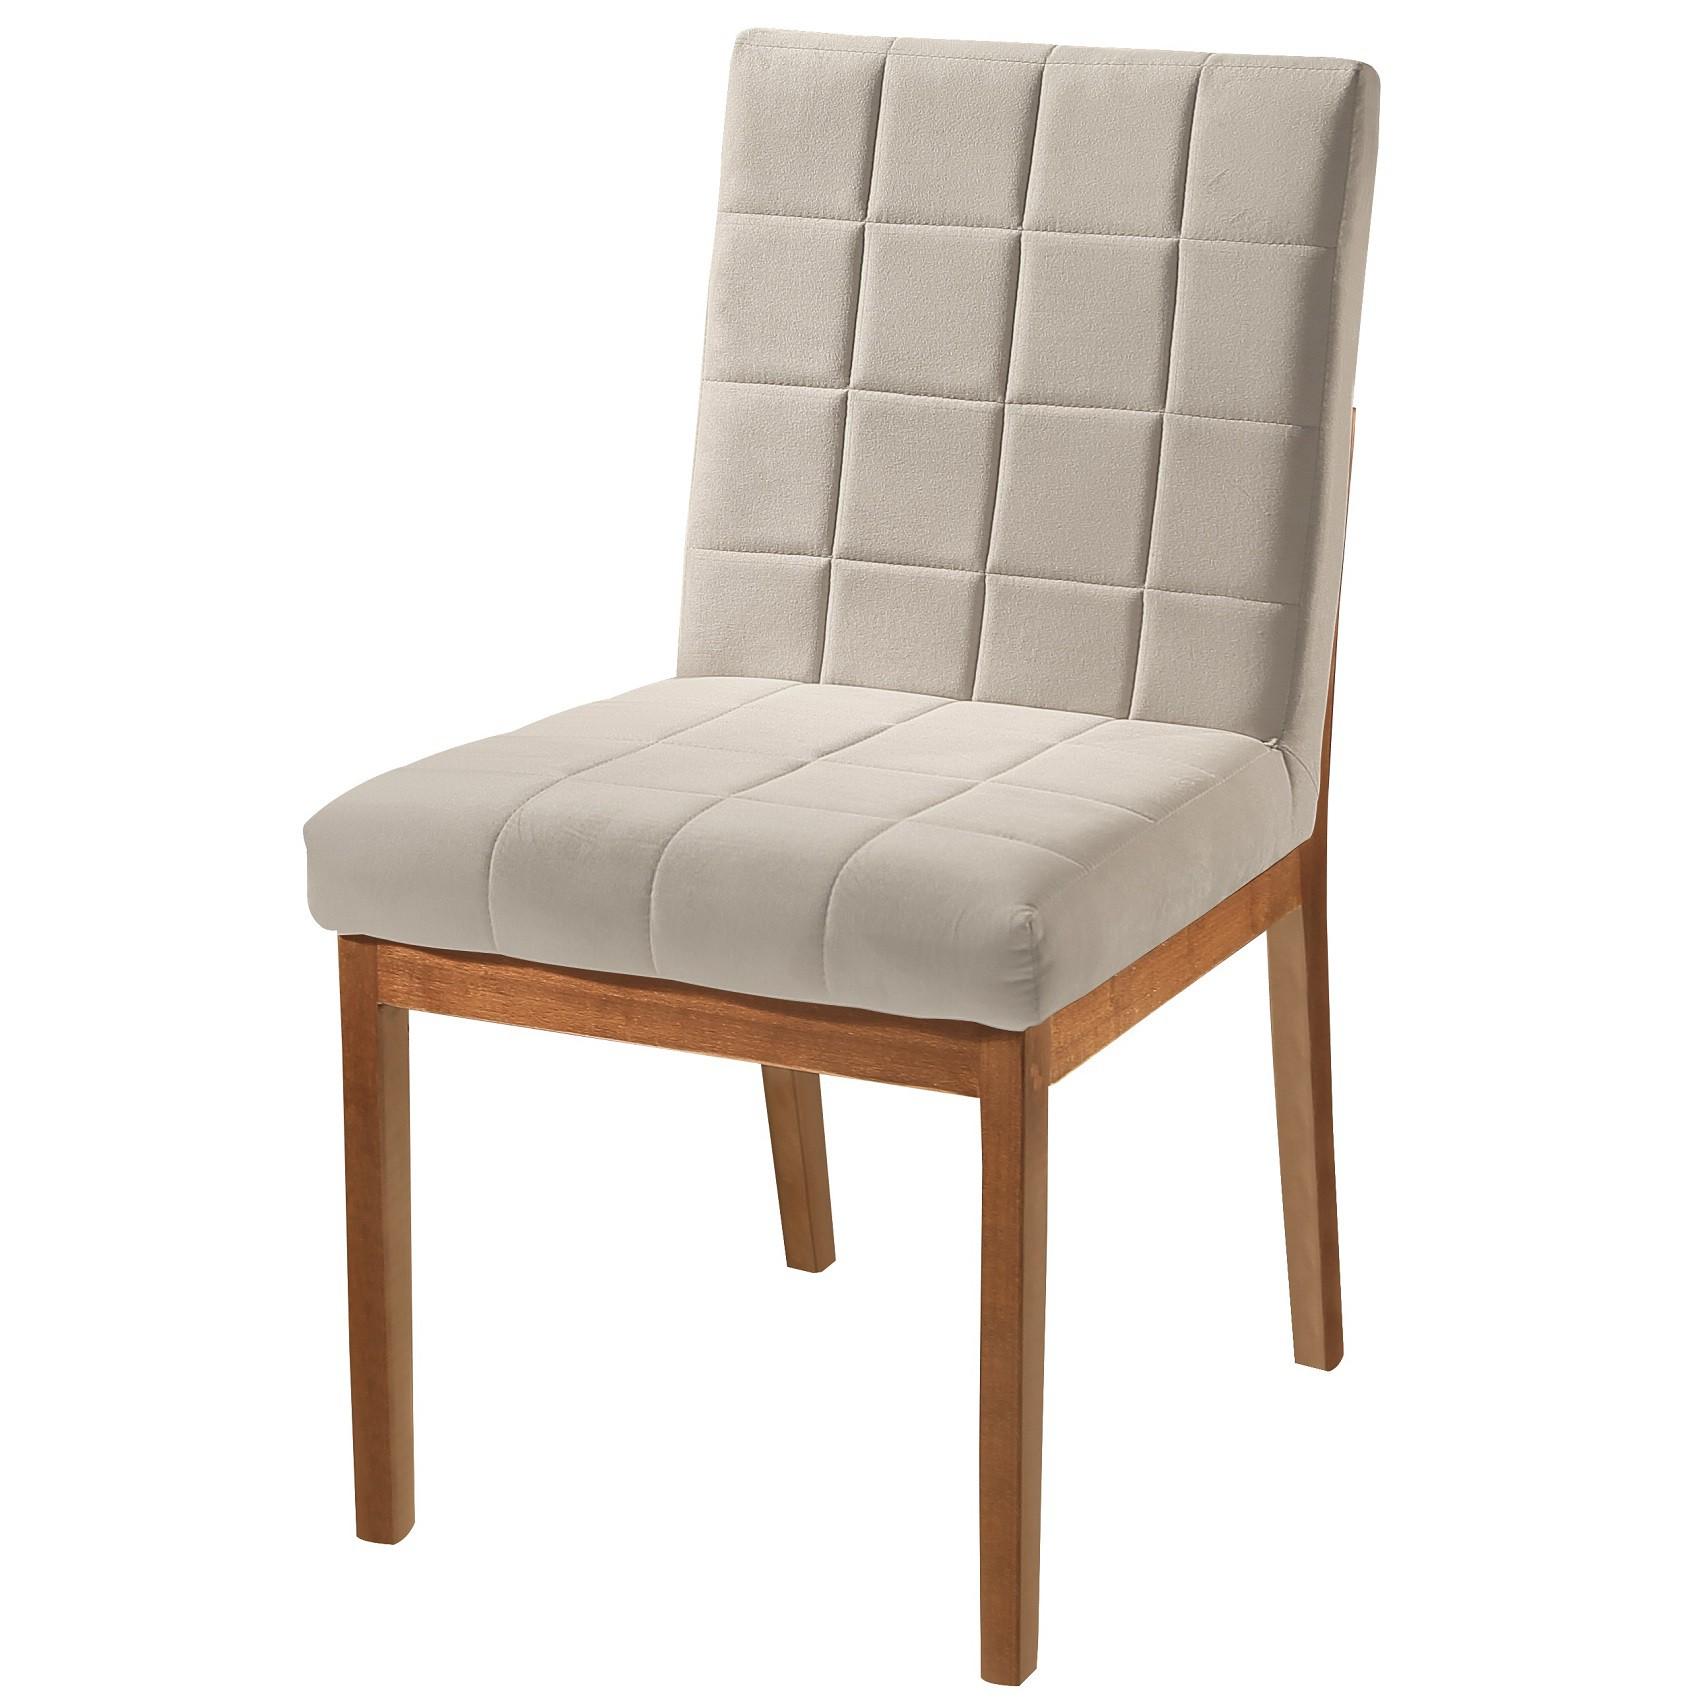 Kit 2 Cadeira Planus Madeira para Mesa Sala Jantar Tradição